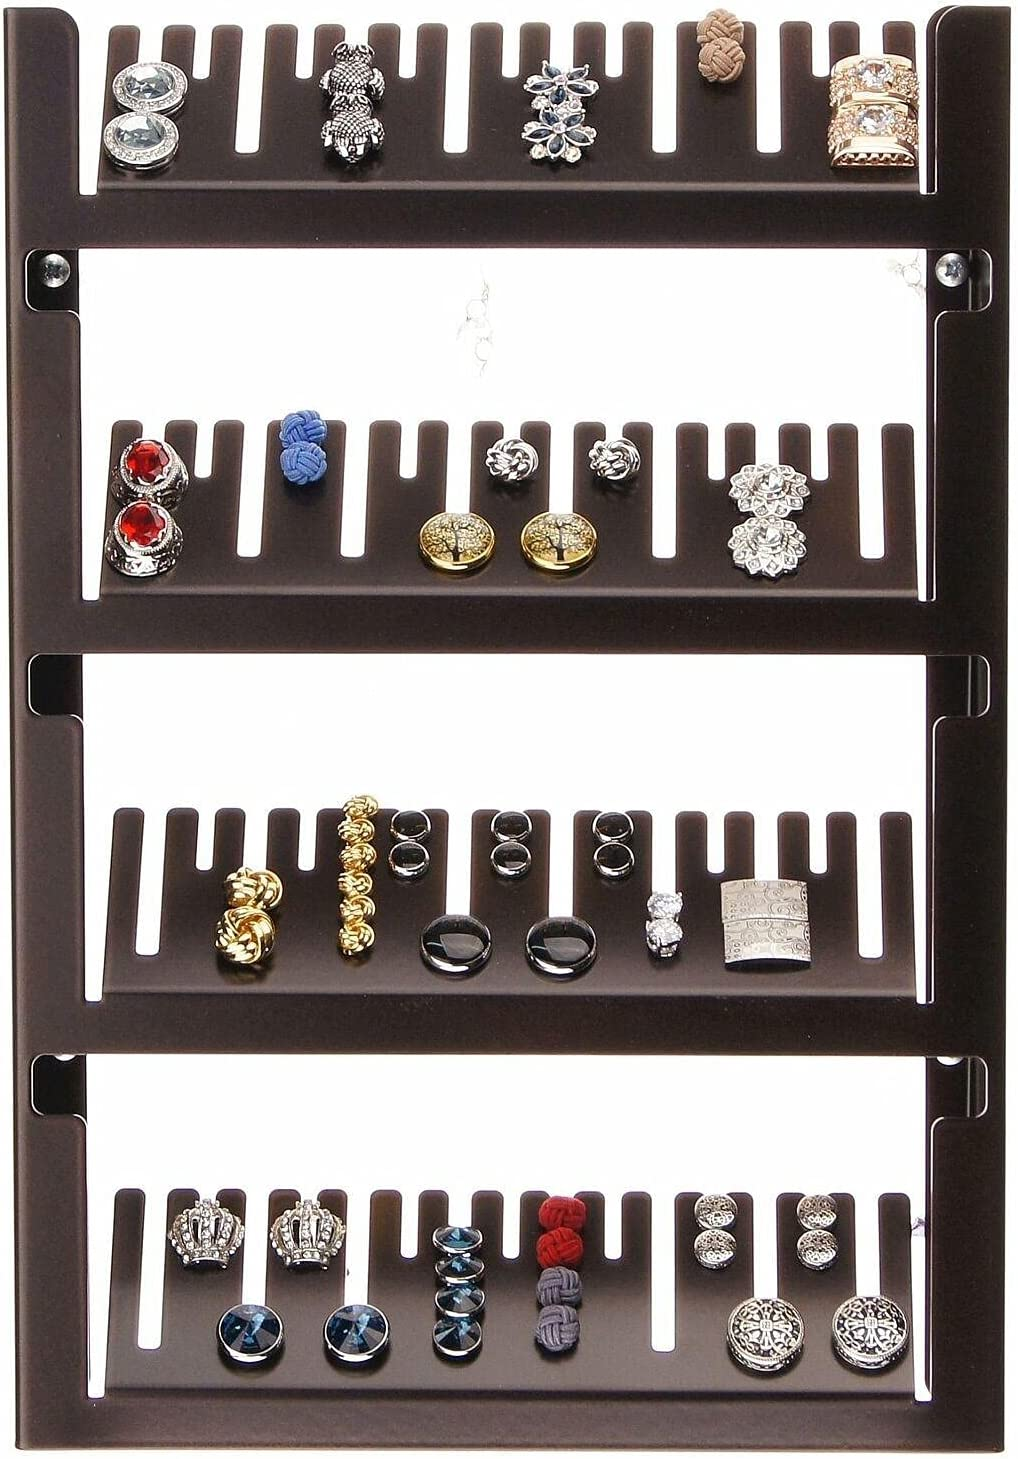 NEW Cufflink Nashville-Davidson Mall Organizer Storage Ring Holder Mount Jewelr Wall Display